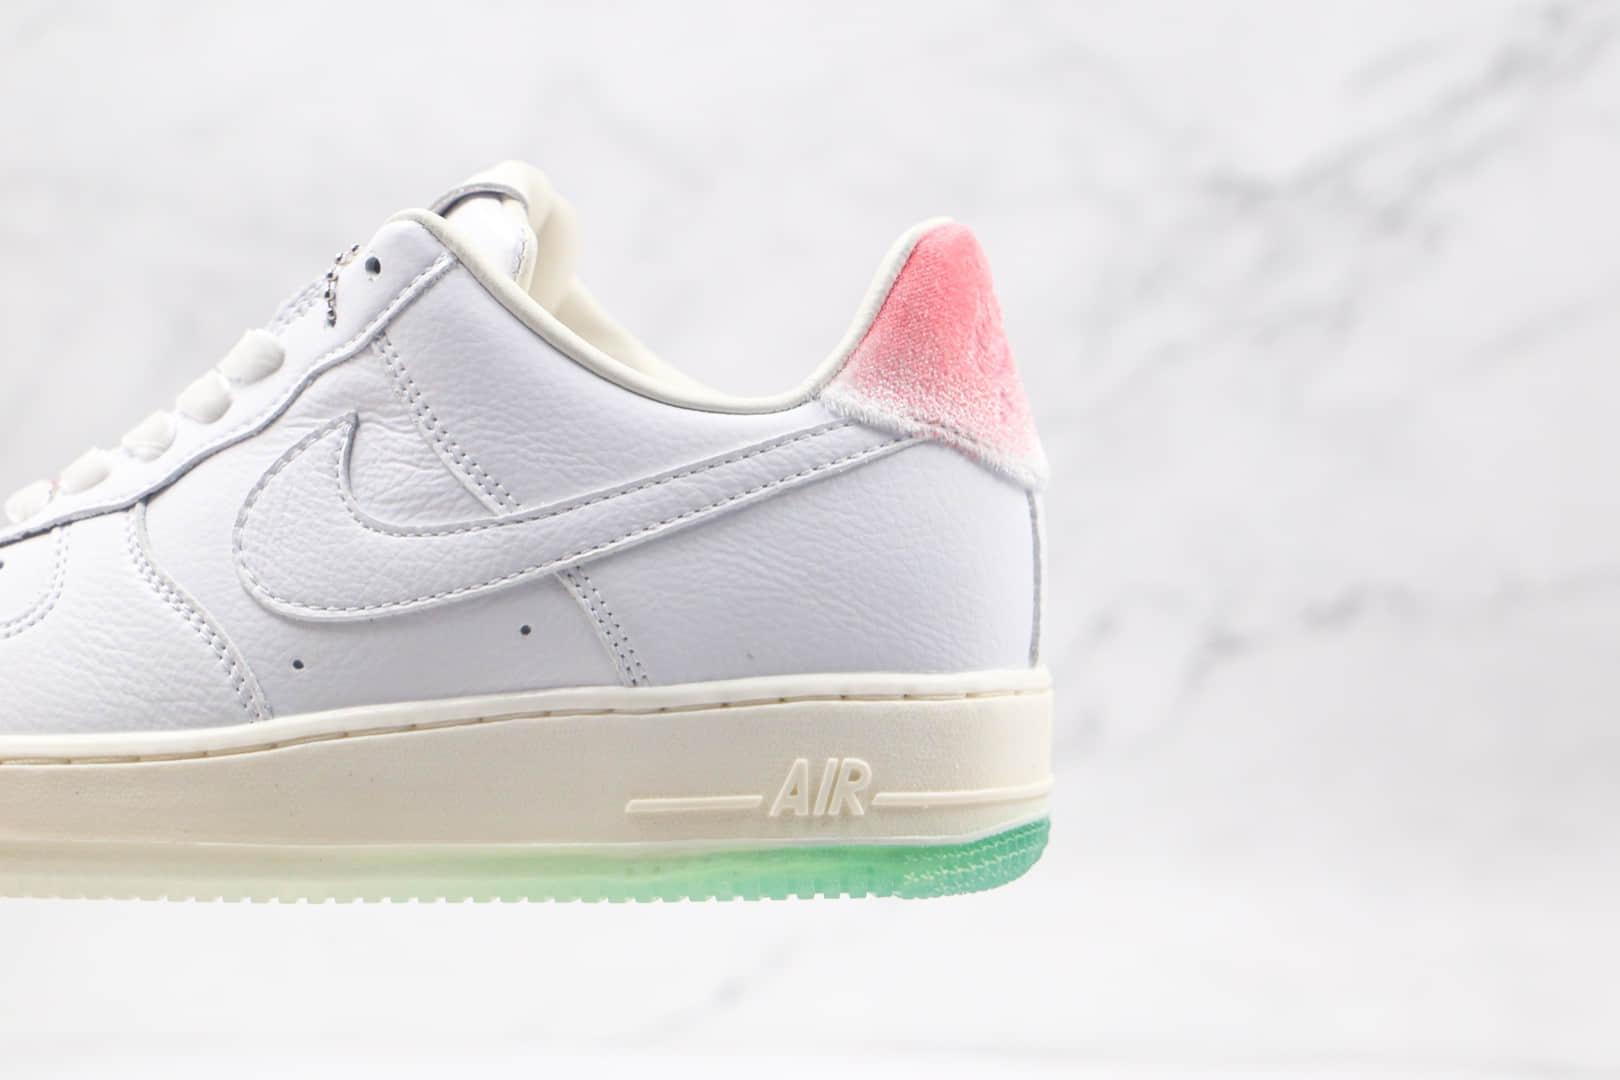 耐克Nike Air Force 1 '07 PRM纯原版本低帮空军一号白绿粉寿桃配色板鞋内置Sole气垫 货号:DC3287-111